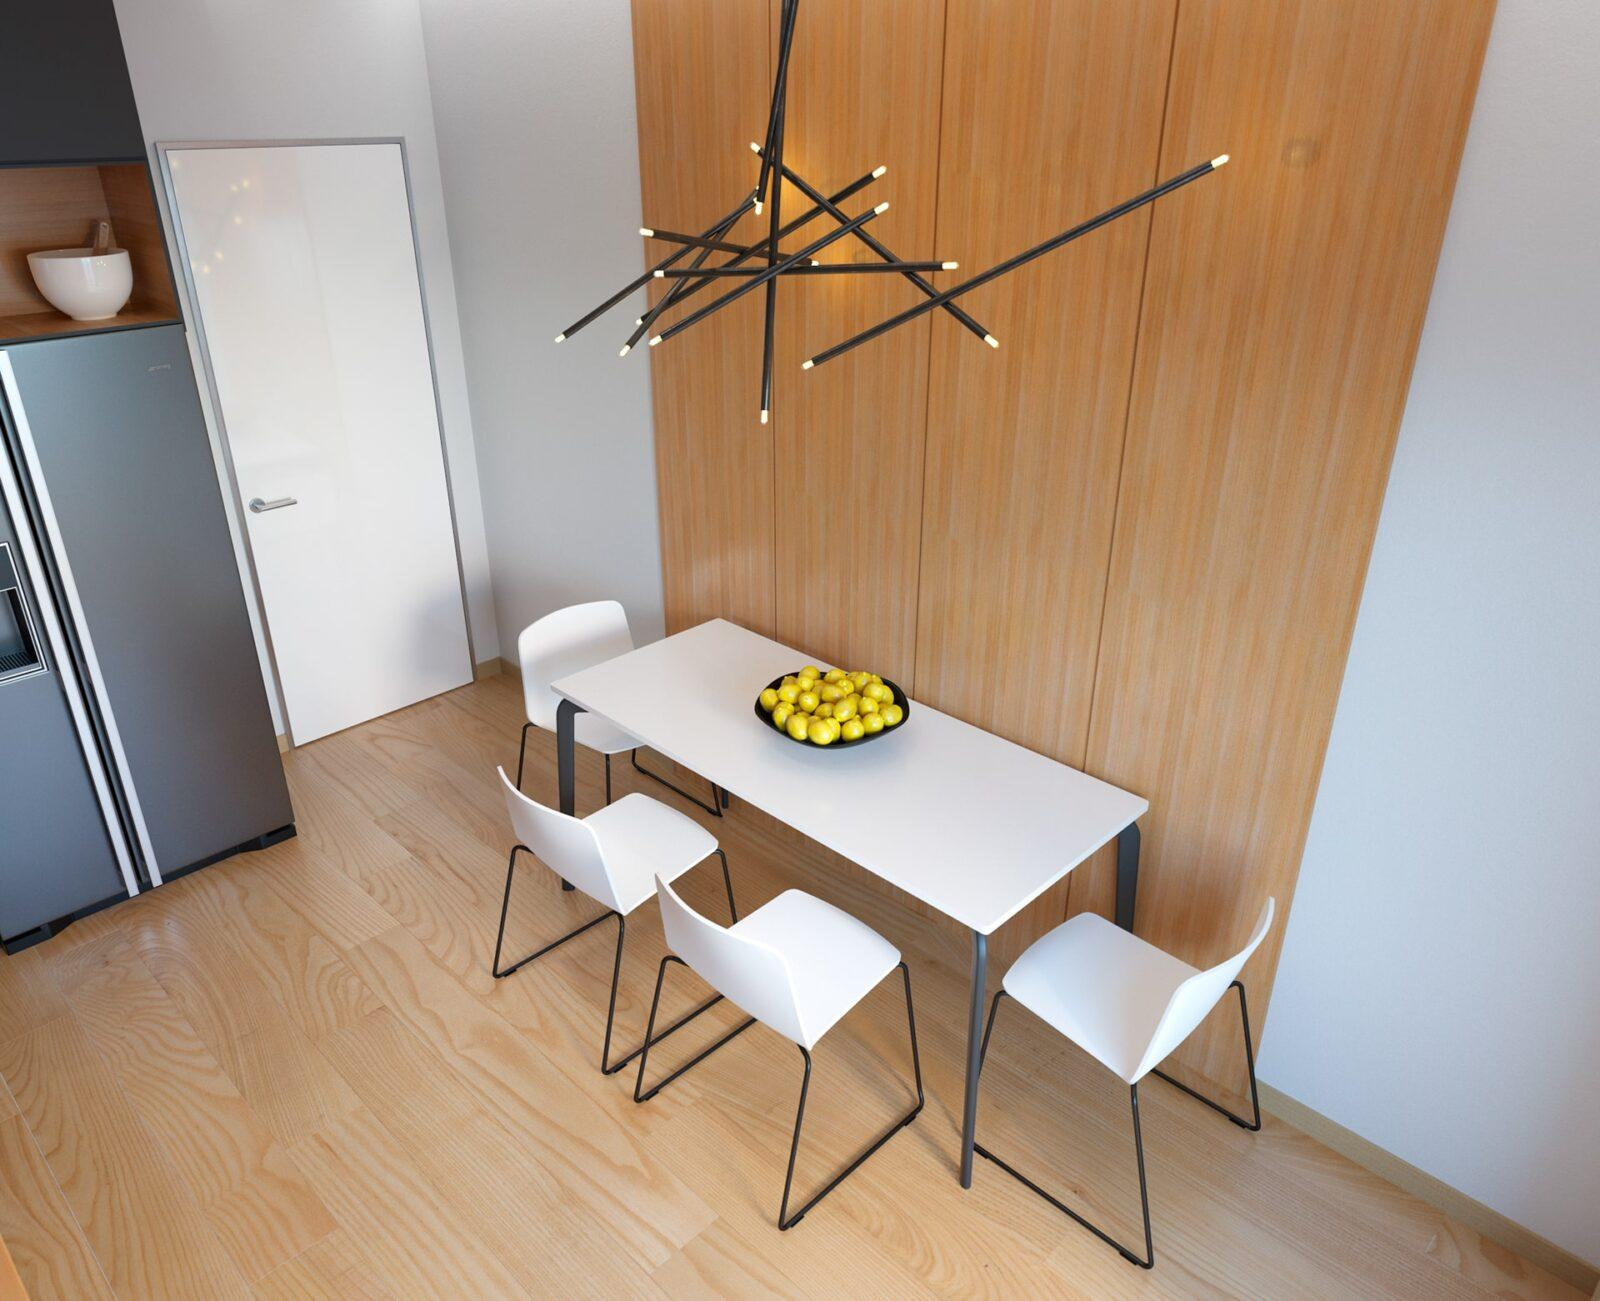 Угловая черно-древесная кухня в 2 уровня со скрытыми ручками 6